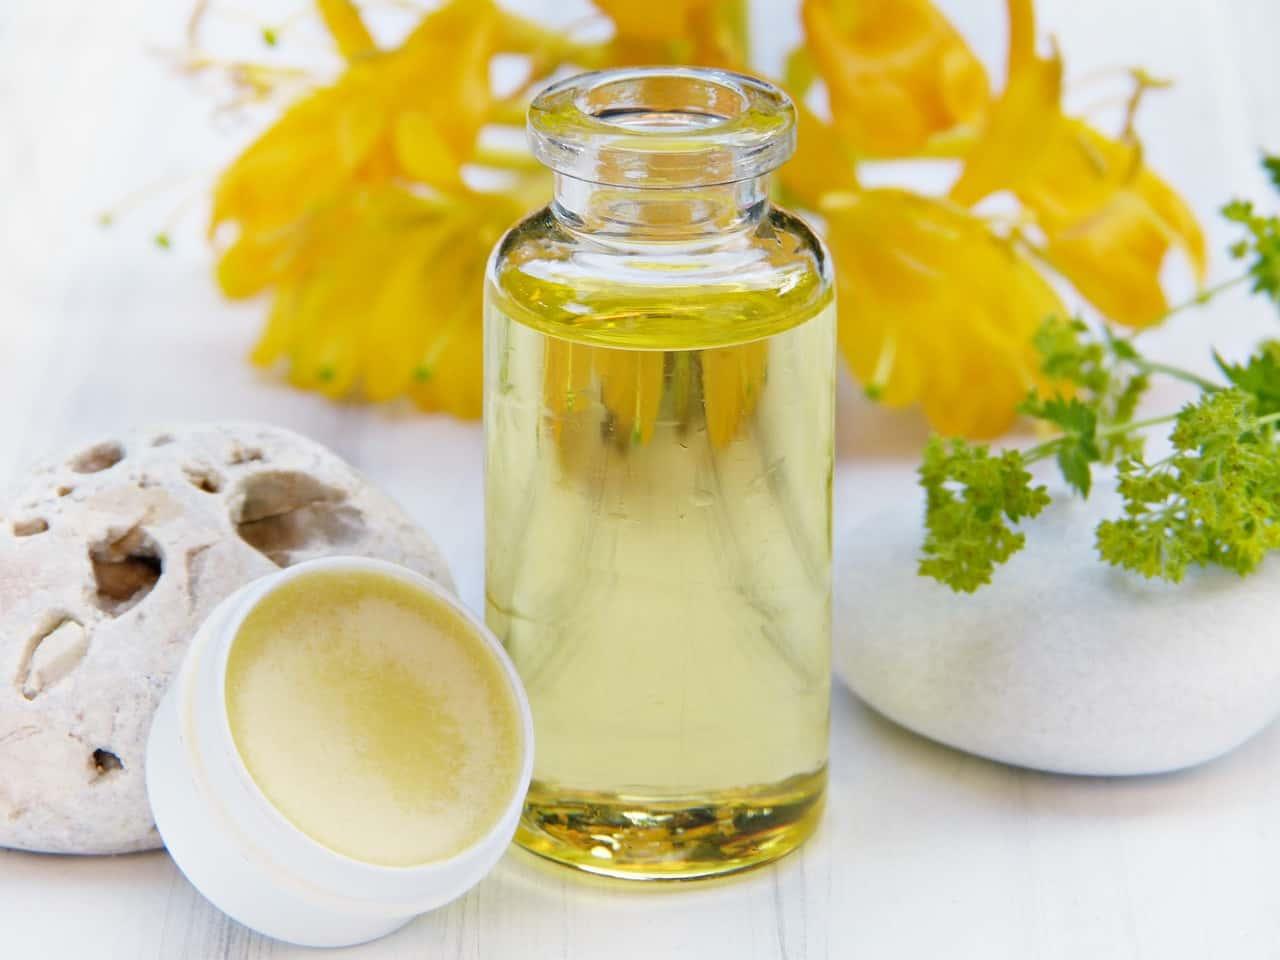 olio di elicriso tutte le proprietà e come utilizzarlo per la pelle